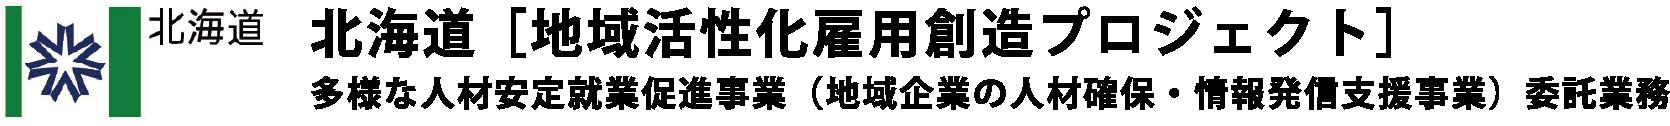 北海道[地域活性化雇用創造プロジェクト]多様な人材安定就業促進事業(地域企業の人材確保・情報発信支援事業)委託業務